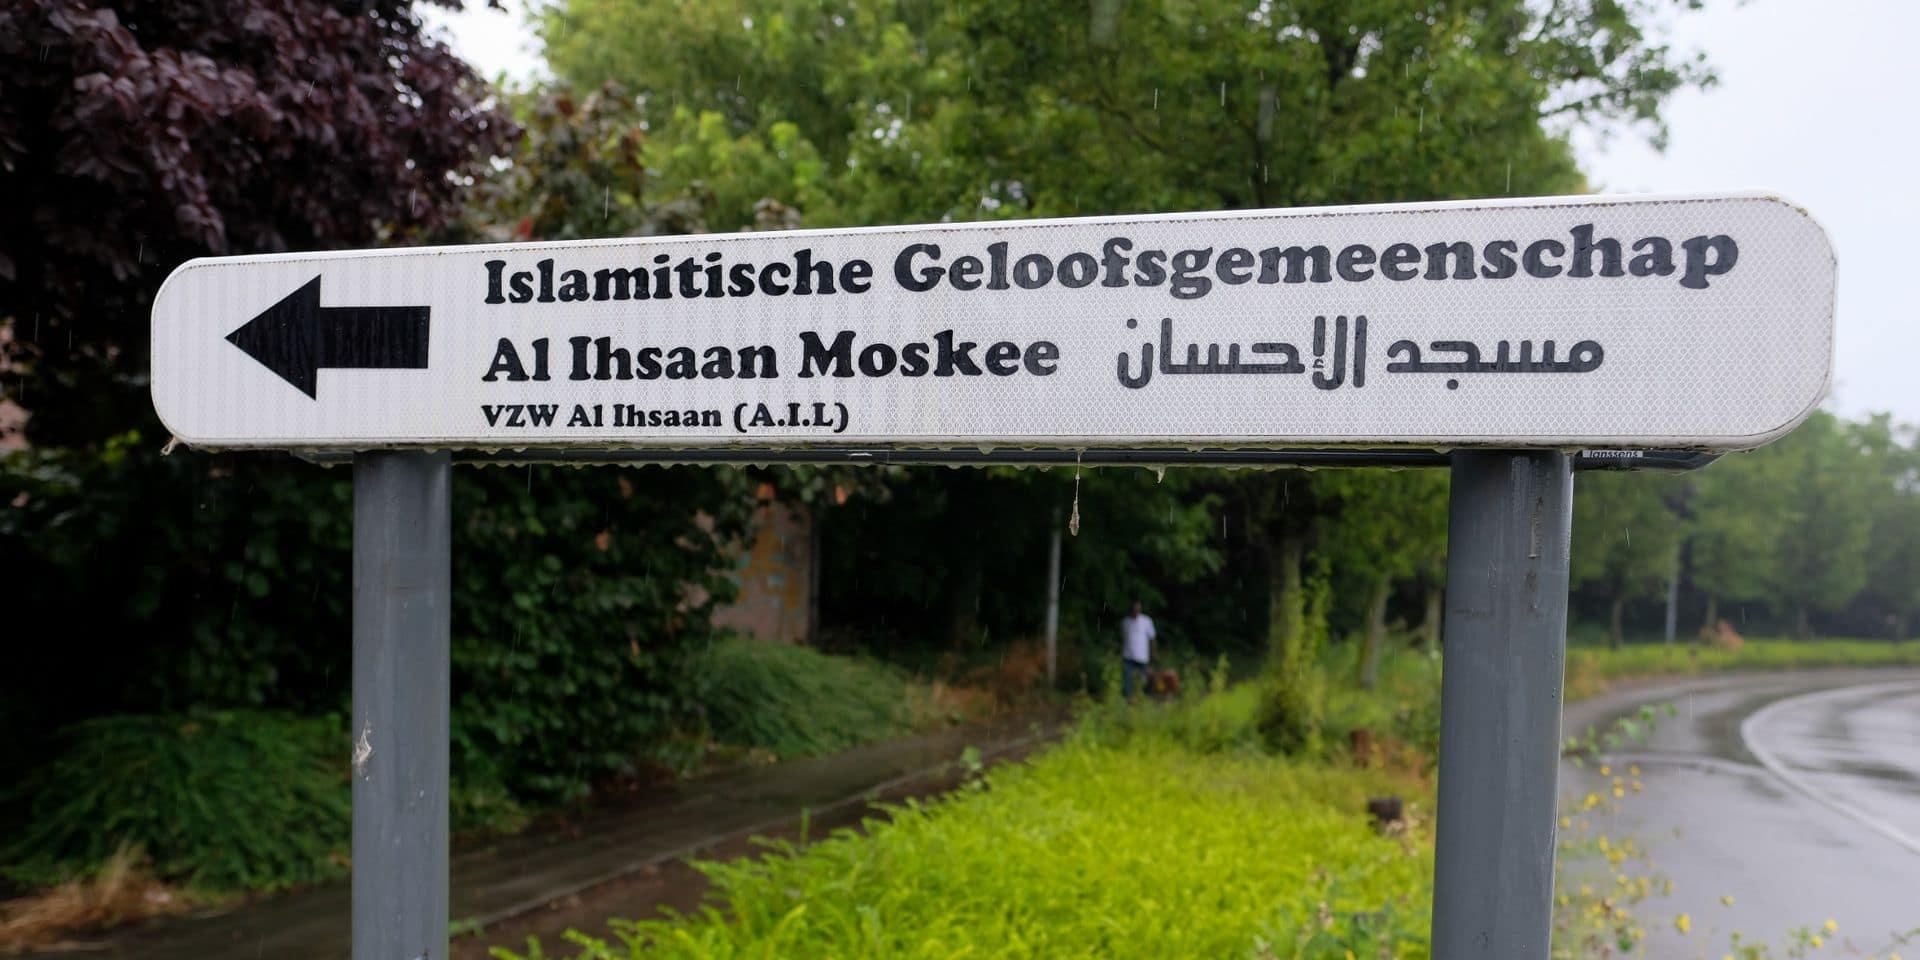 La Ville de Louvain s'oppose au retrait de la reconnaissance de la mosquée Al Ihsaan